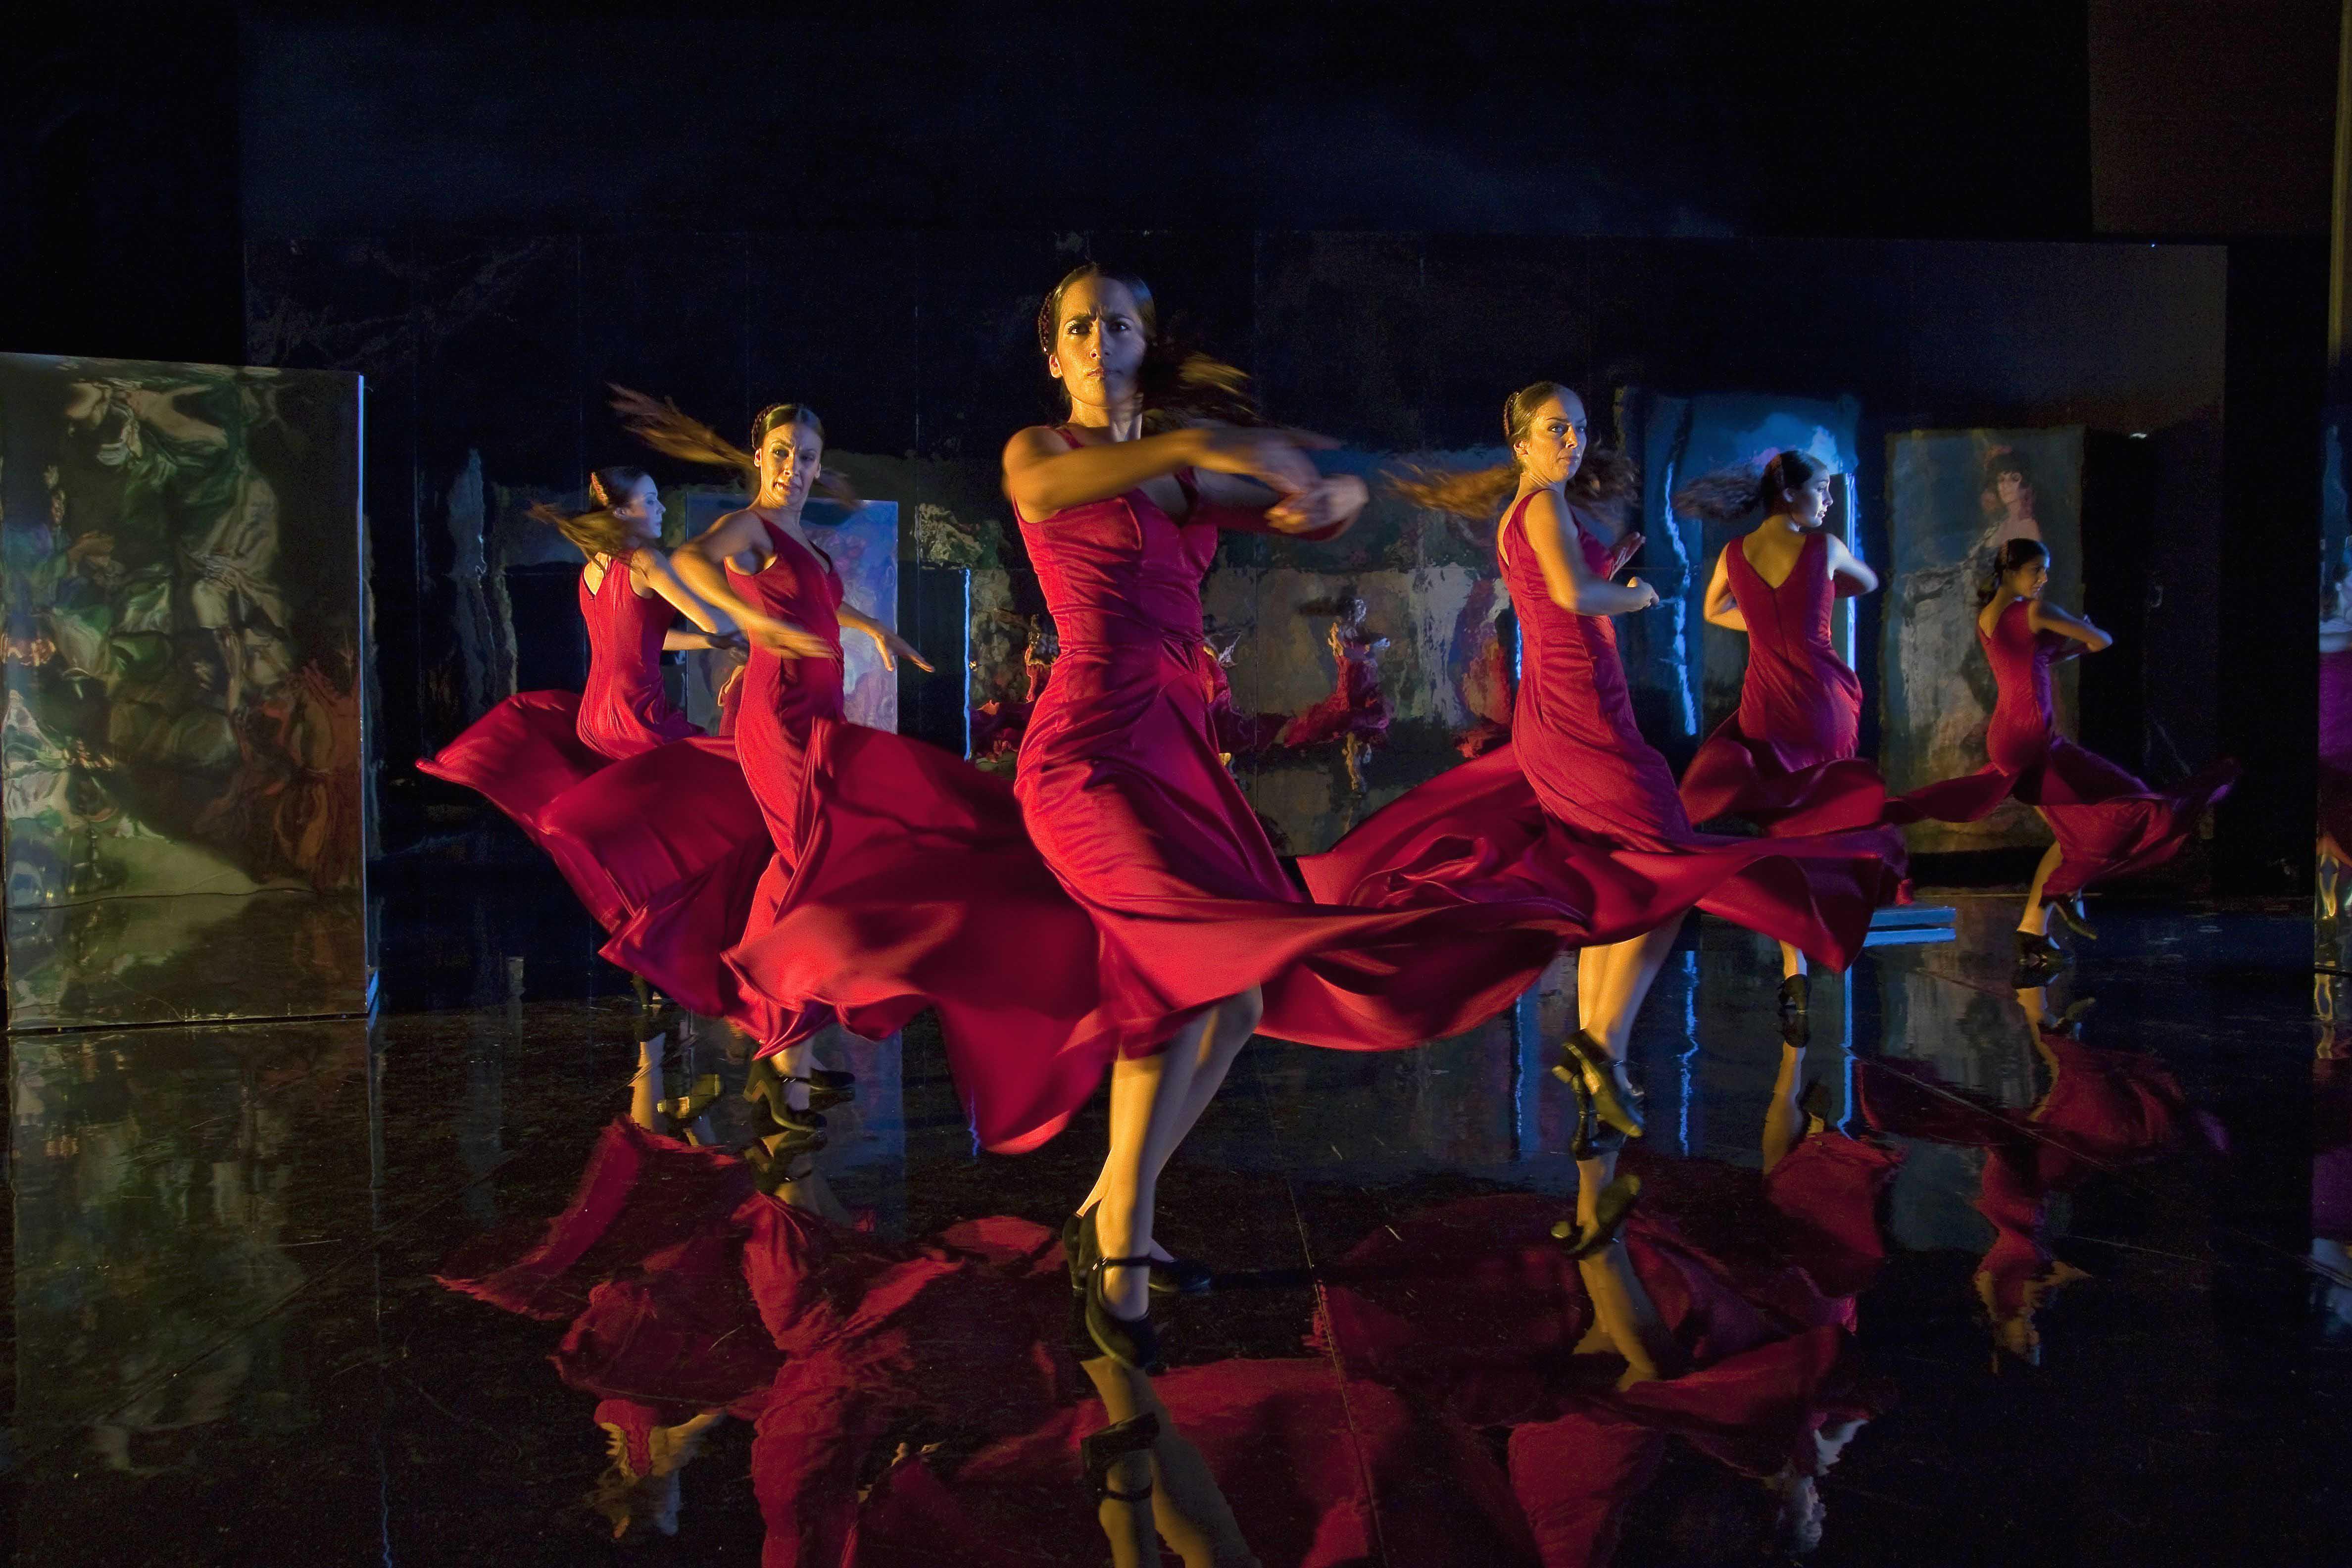 Фламенко - всемирное культурное наследие по версии ЮНЕСКО